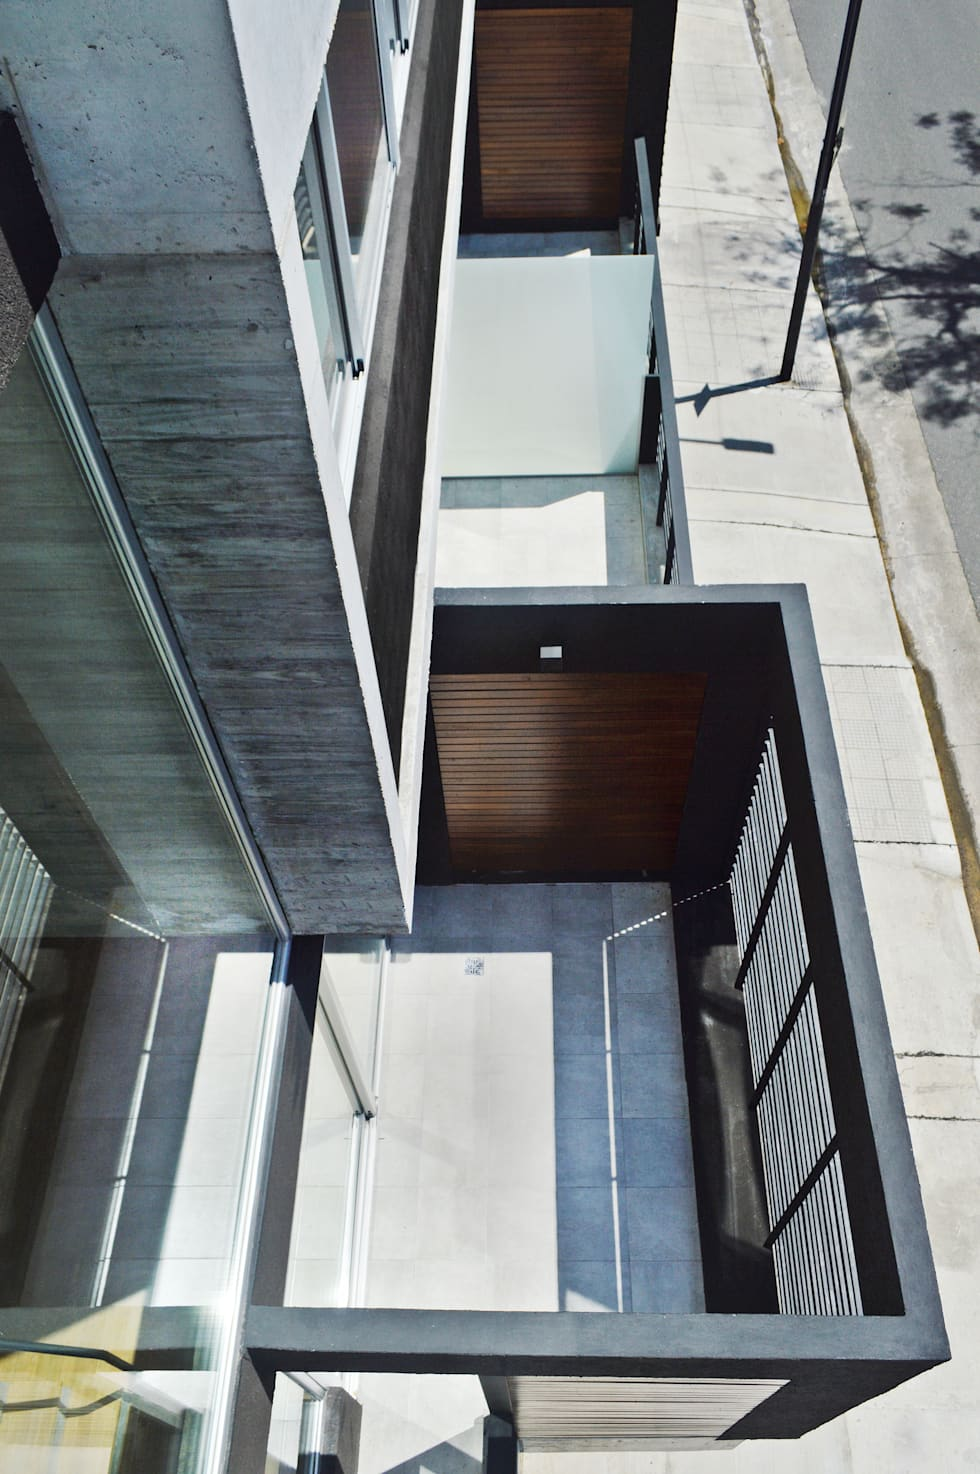 Balcon terraza: Casas de estilo moderno por F2M Arquitectos